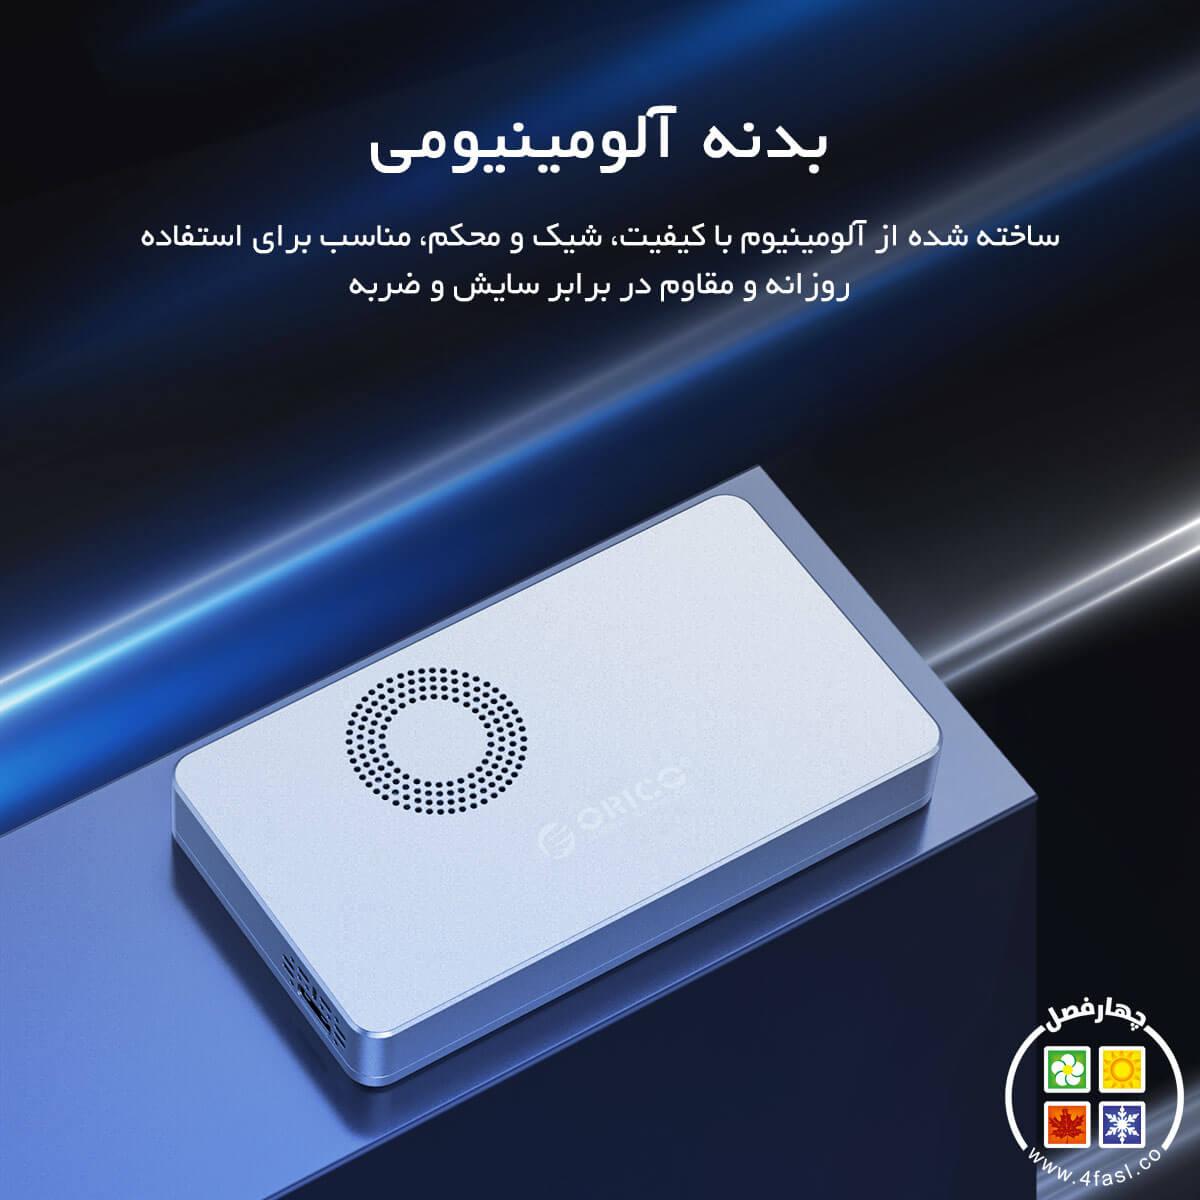 باکس M.2 NVMe